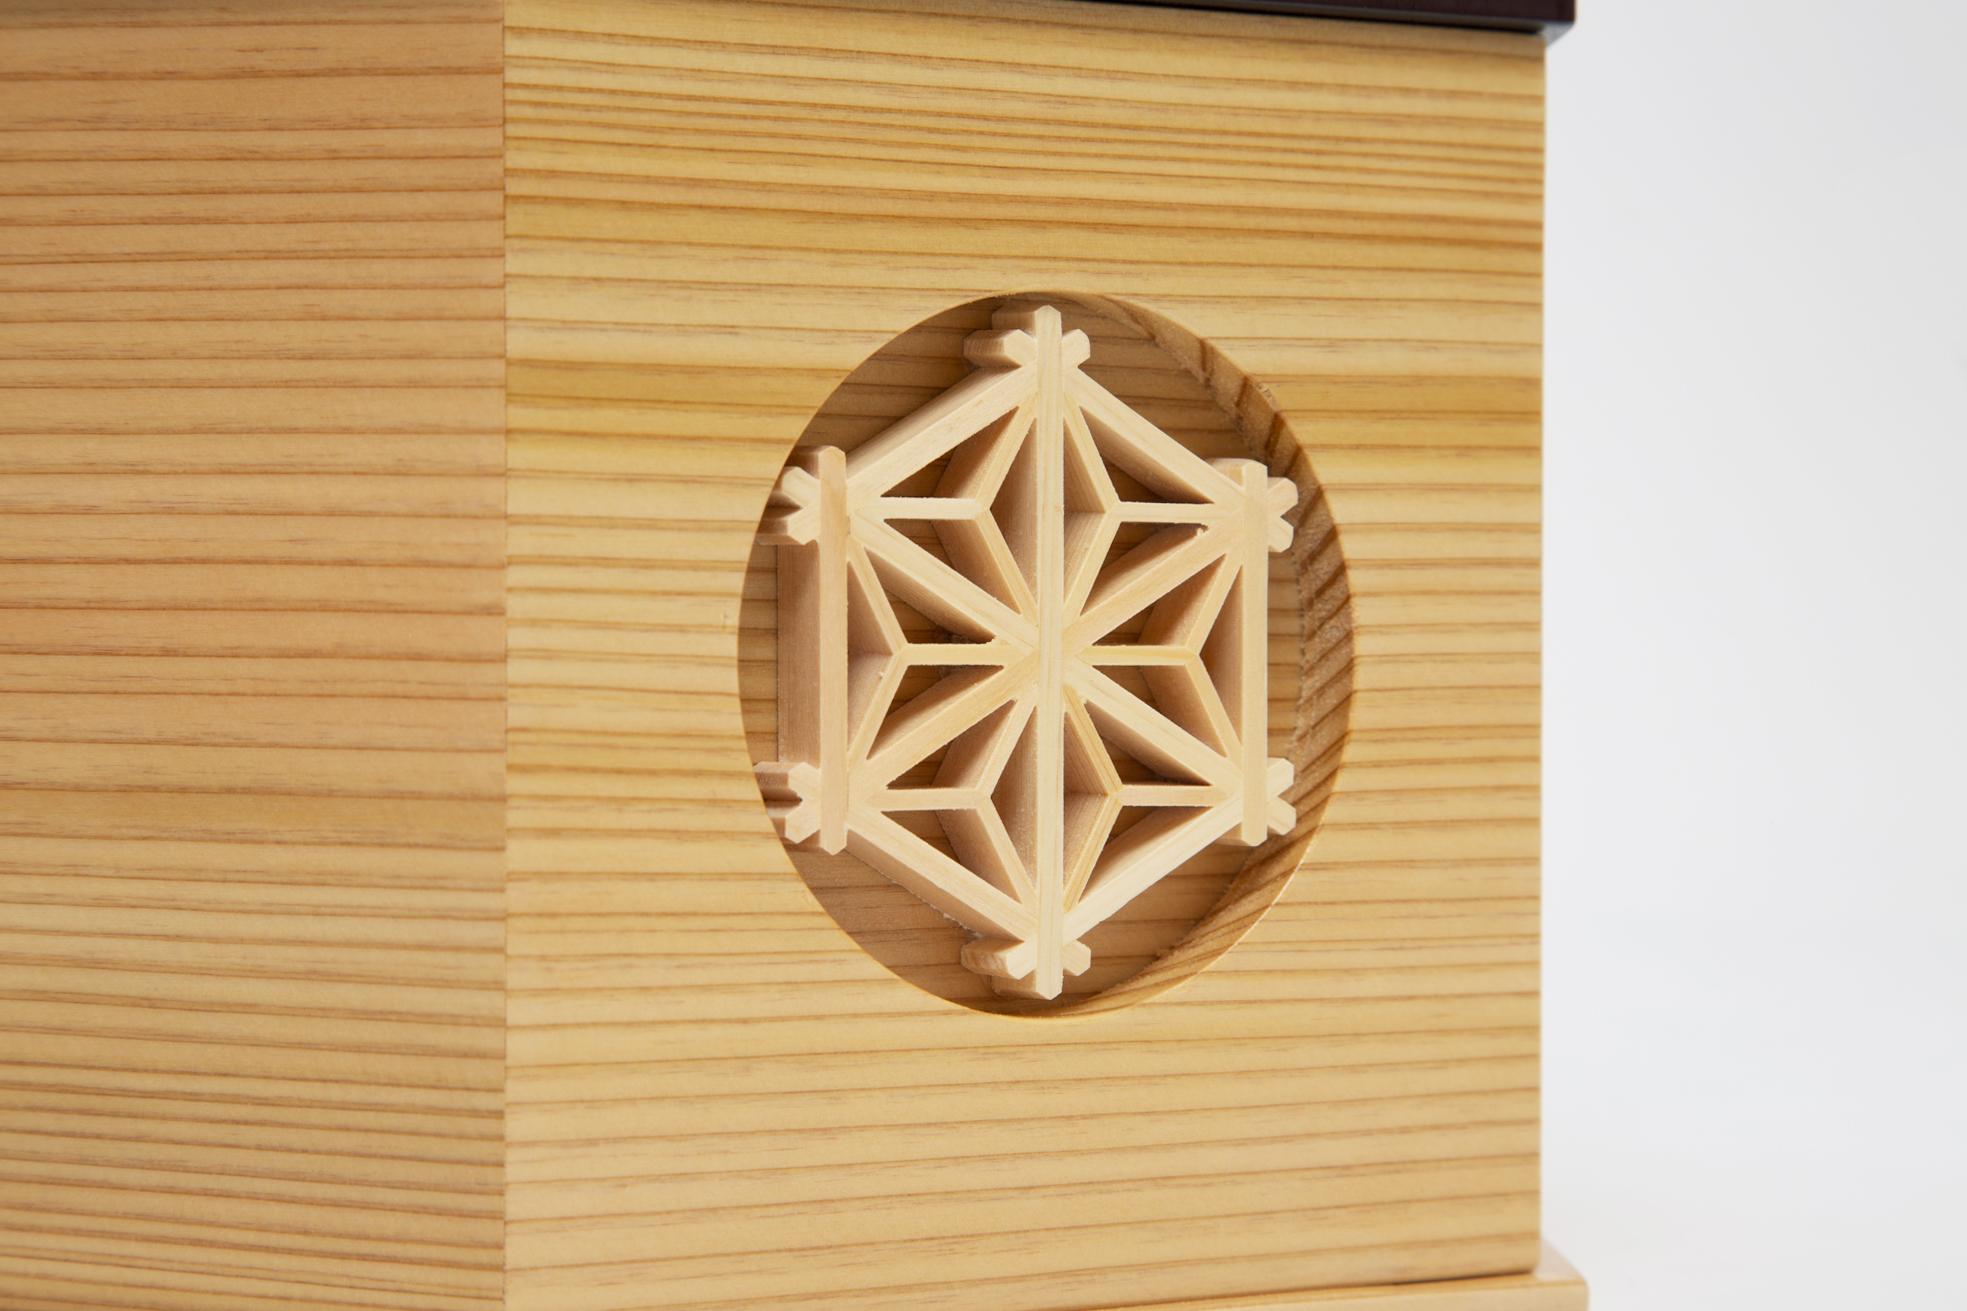 5. 麻の葉模様(収納箱中央):鹿沼組子細工|6つの日本伝統工芸をコンパクトにした、木目込の「プレミアム兜飾り」| 宝輝 | 柿沼人形